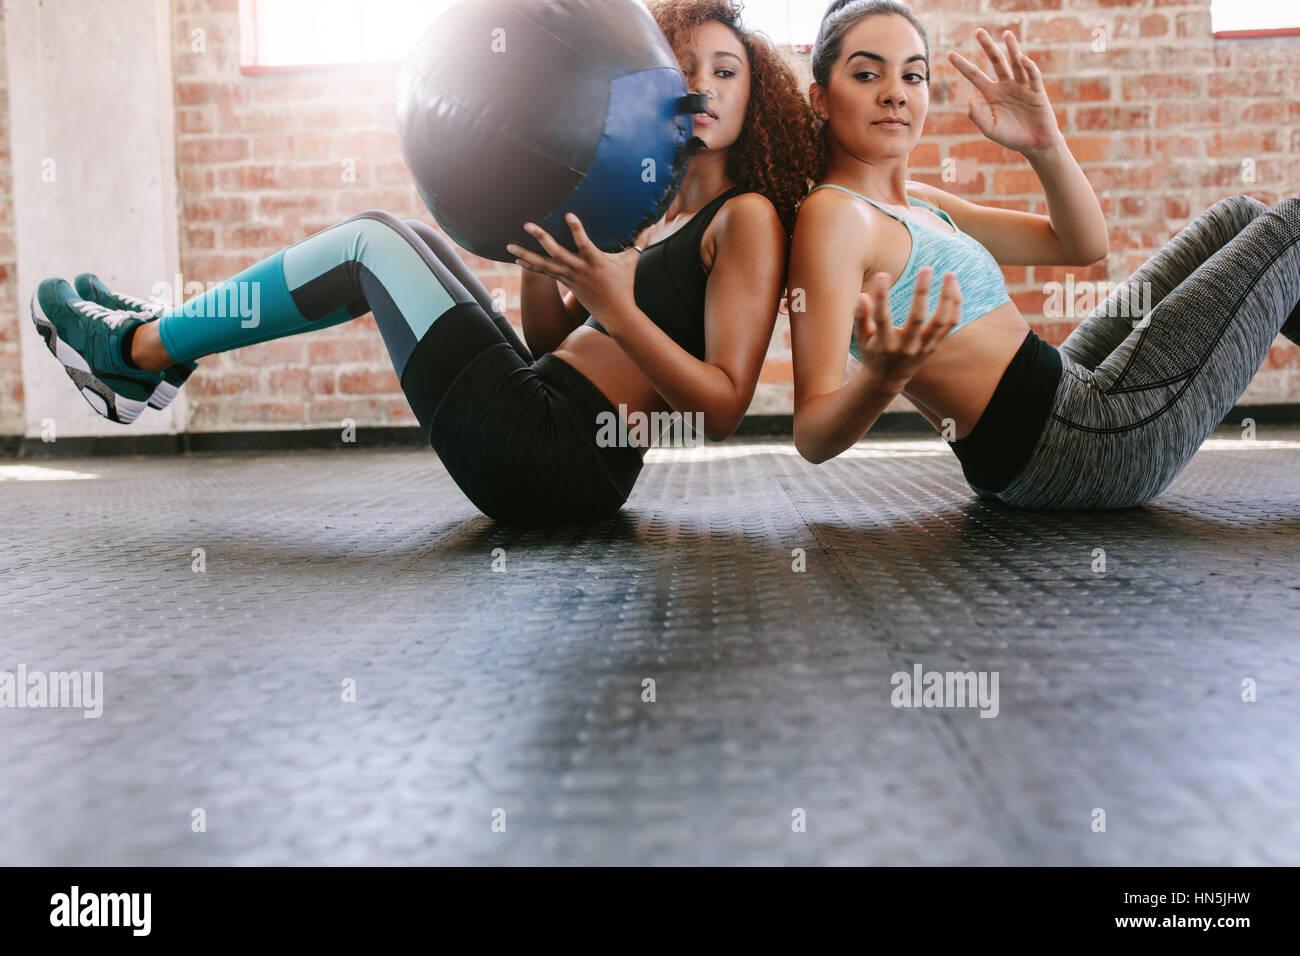 Deux femmes avec formation sportive ballon d'une salle de sport. Les filles qui travaillent à façonner Photo Stock